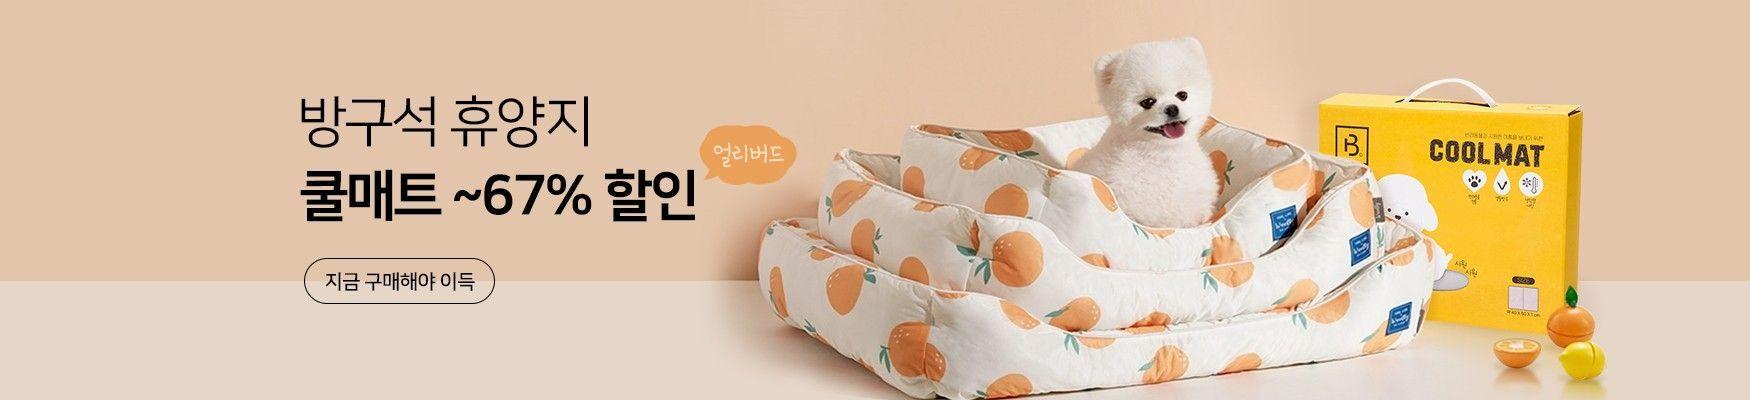 [쿨매트] 방구석 여름휴양지